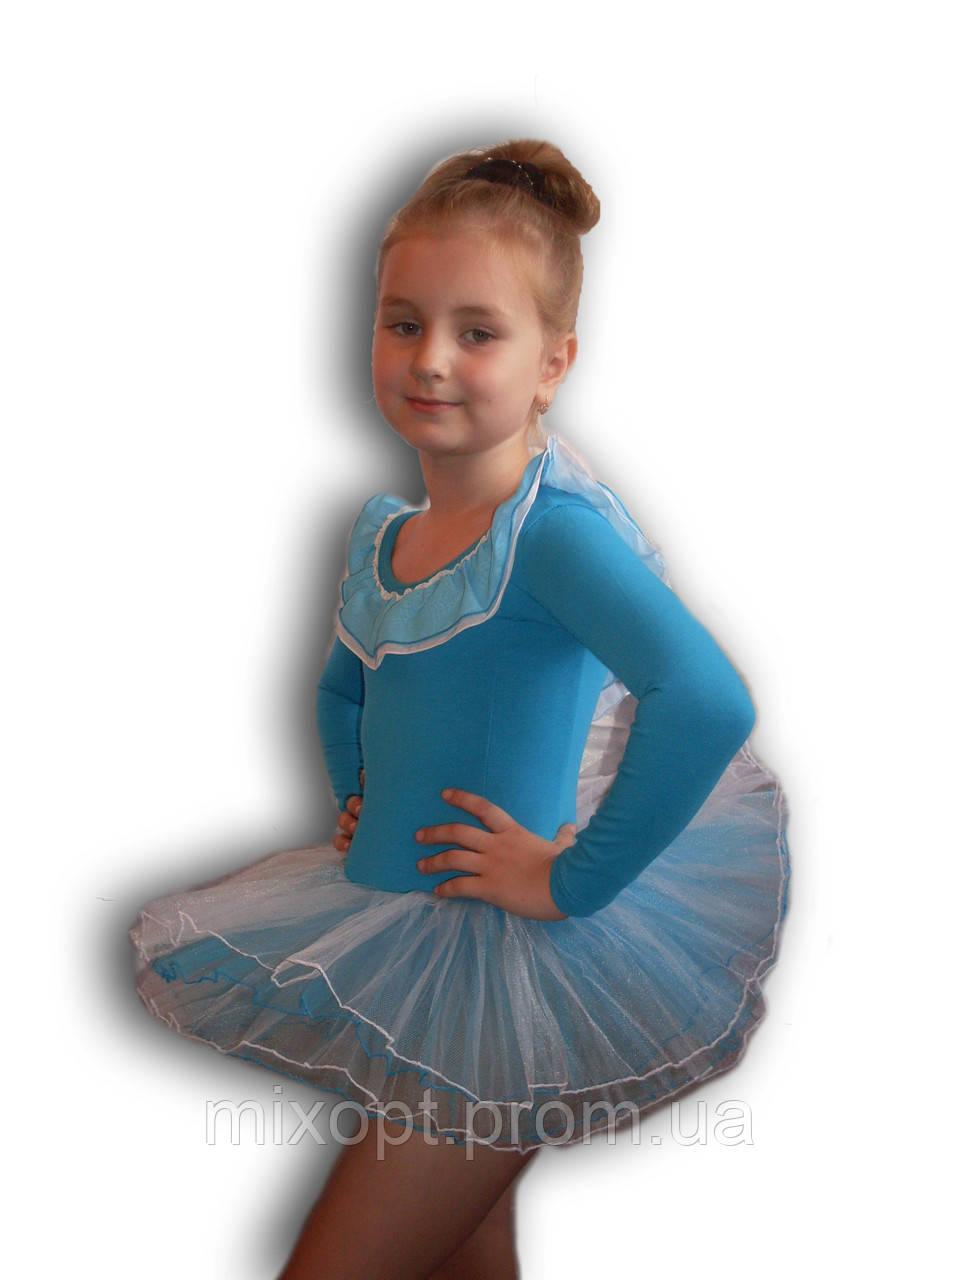 Купальник - пачка для гимнастики и танцев. Голубой. Rivage Line 0184LB